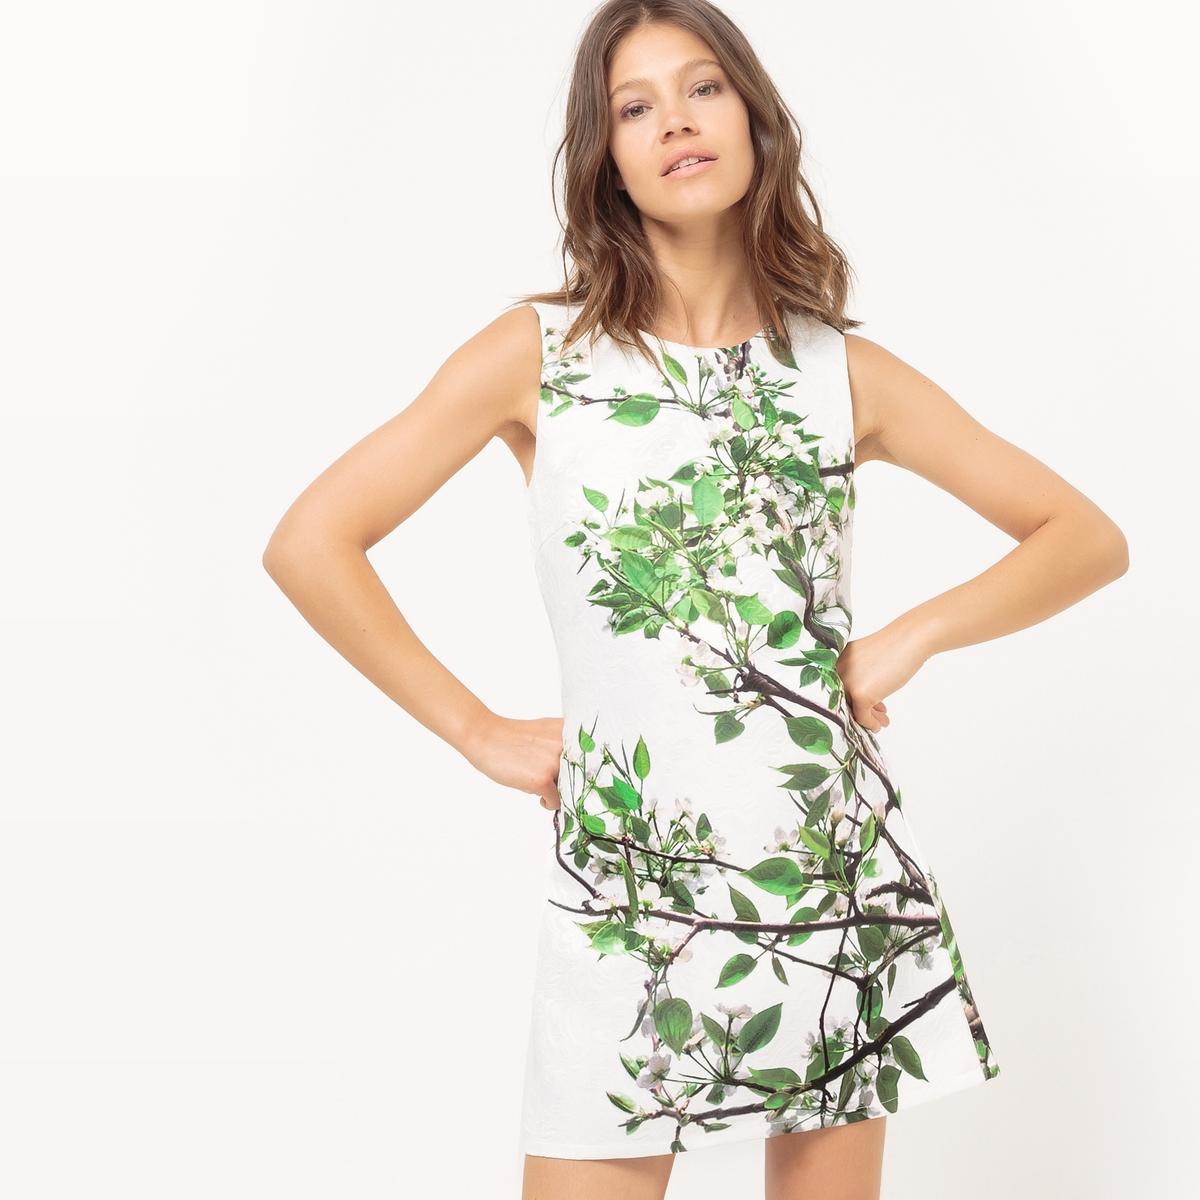 Платье прямое без рукавов с рисунком листьяМатериал : 4% эластана, 96% полиэстера  Длина рукава : без рукавов  Форма воротника : Круглый вырез Покрой платья : платье прямого покроя  Рисунок : принт.   Длина платья : короткое.<br><br>Цвет: цветочный рисунок